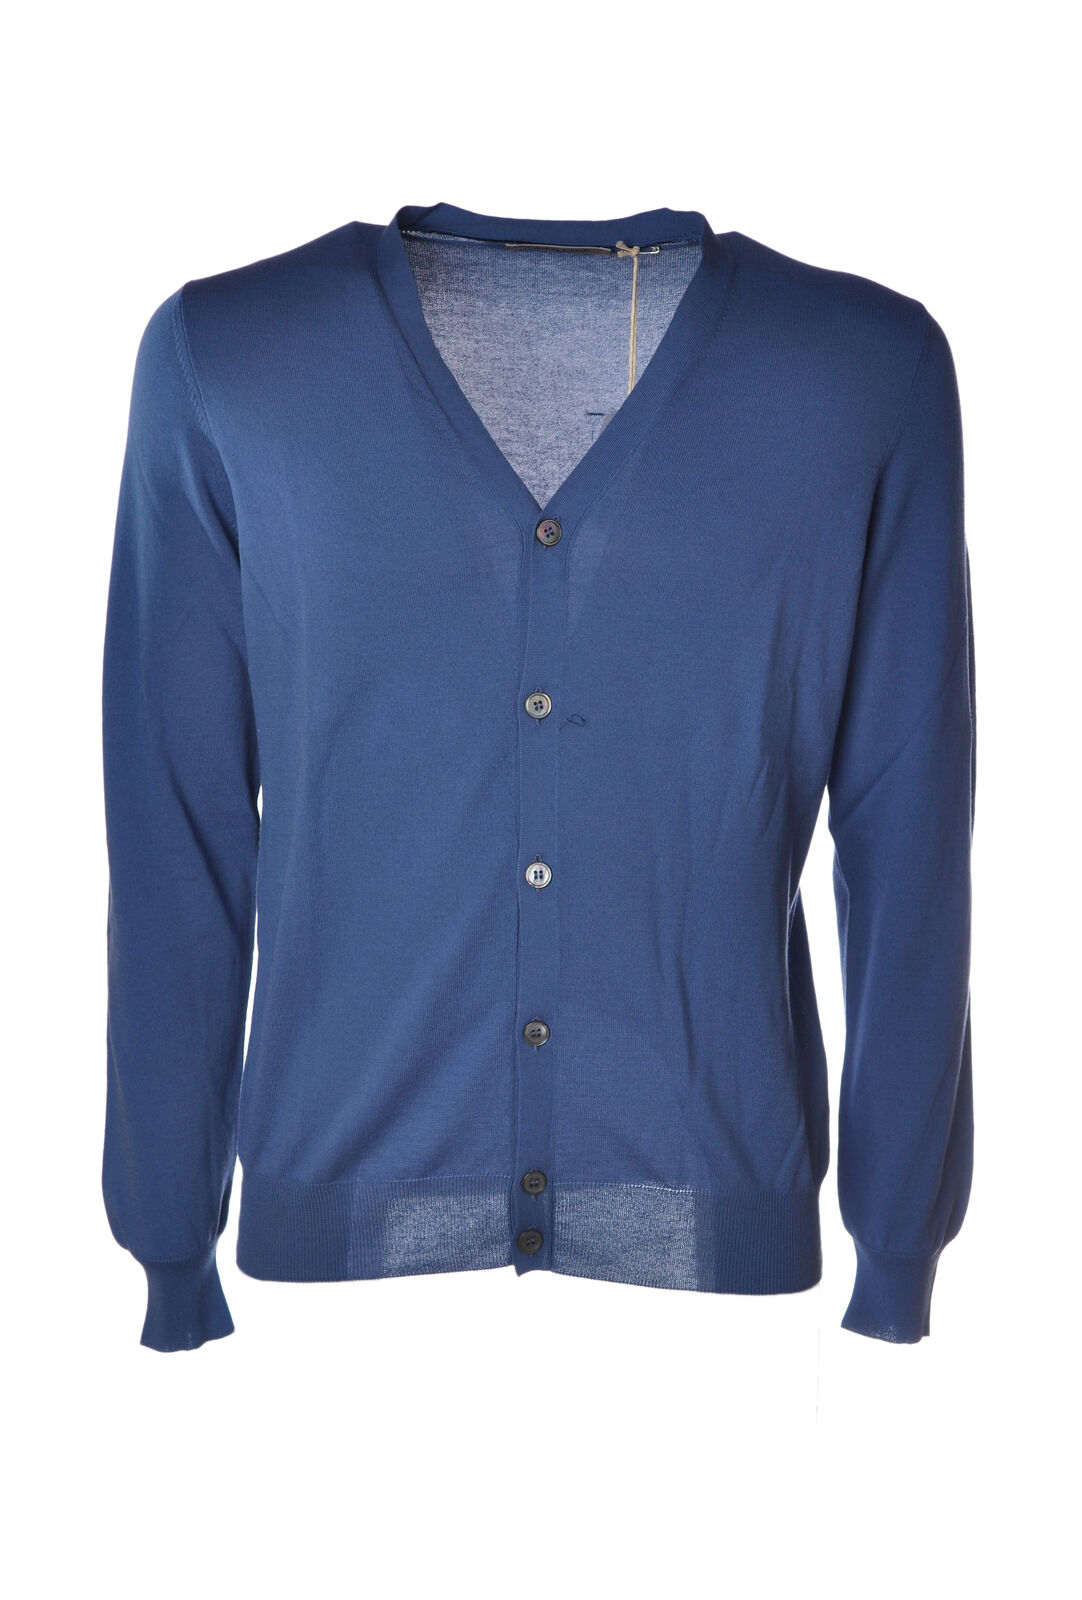 LA FILERIA - Knitwear-Cardigan - Man - Blau - 5008020F184704